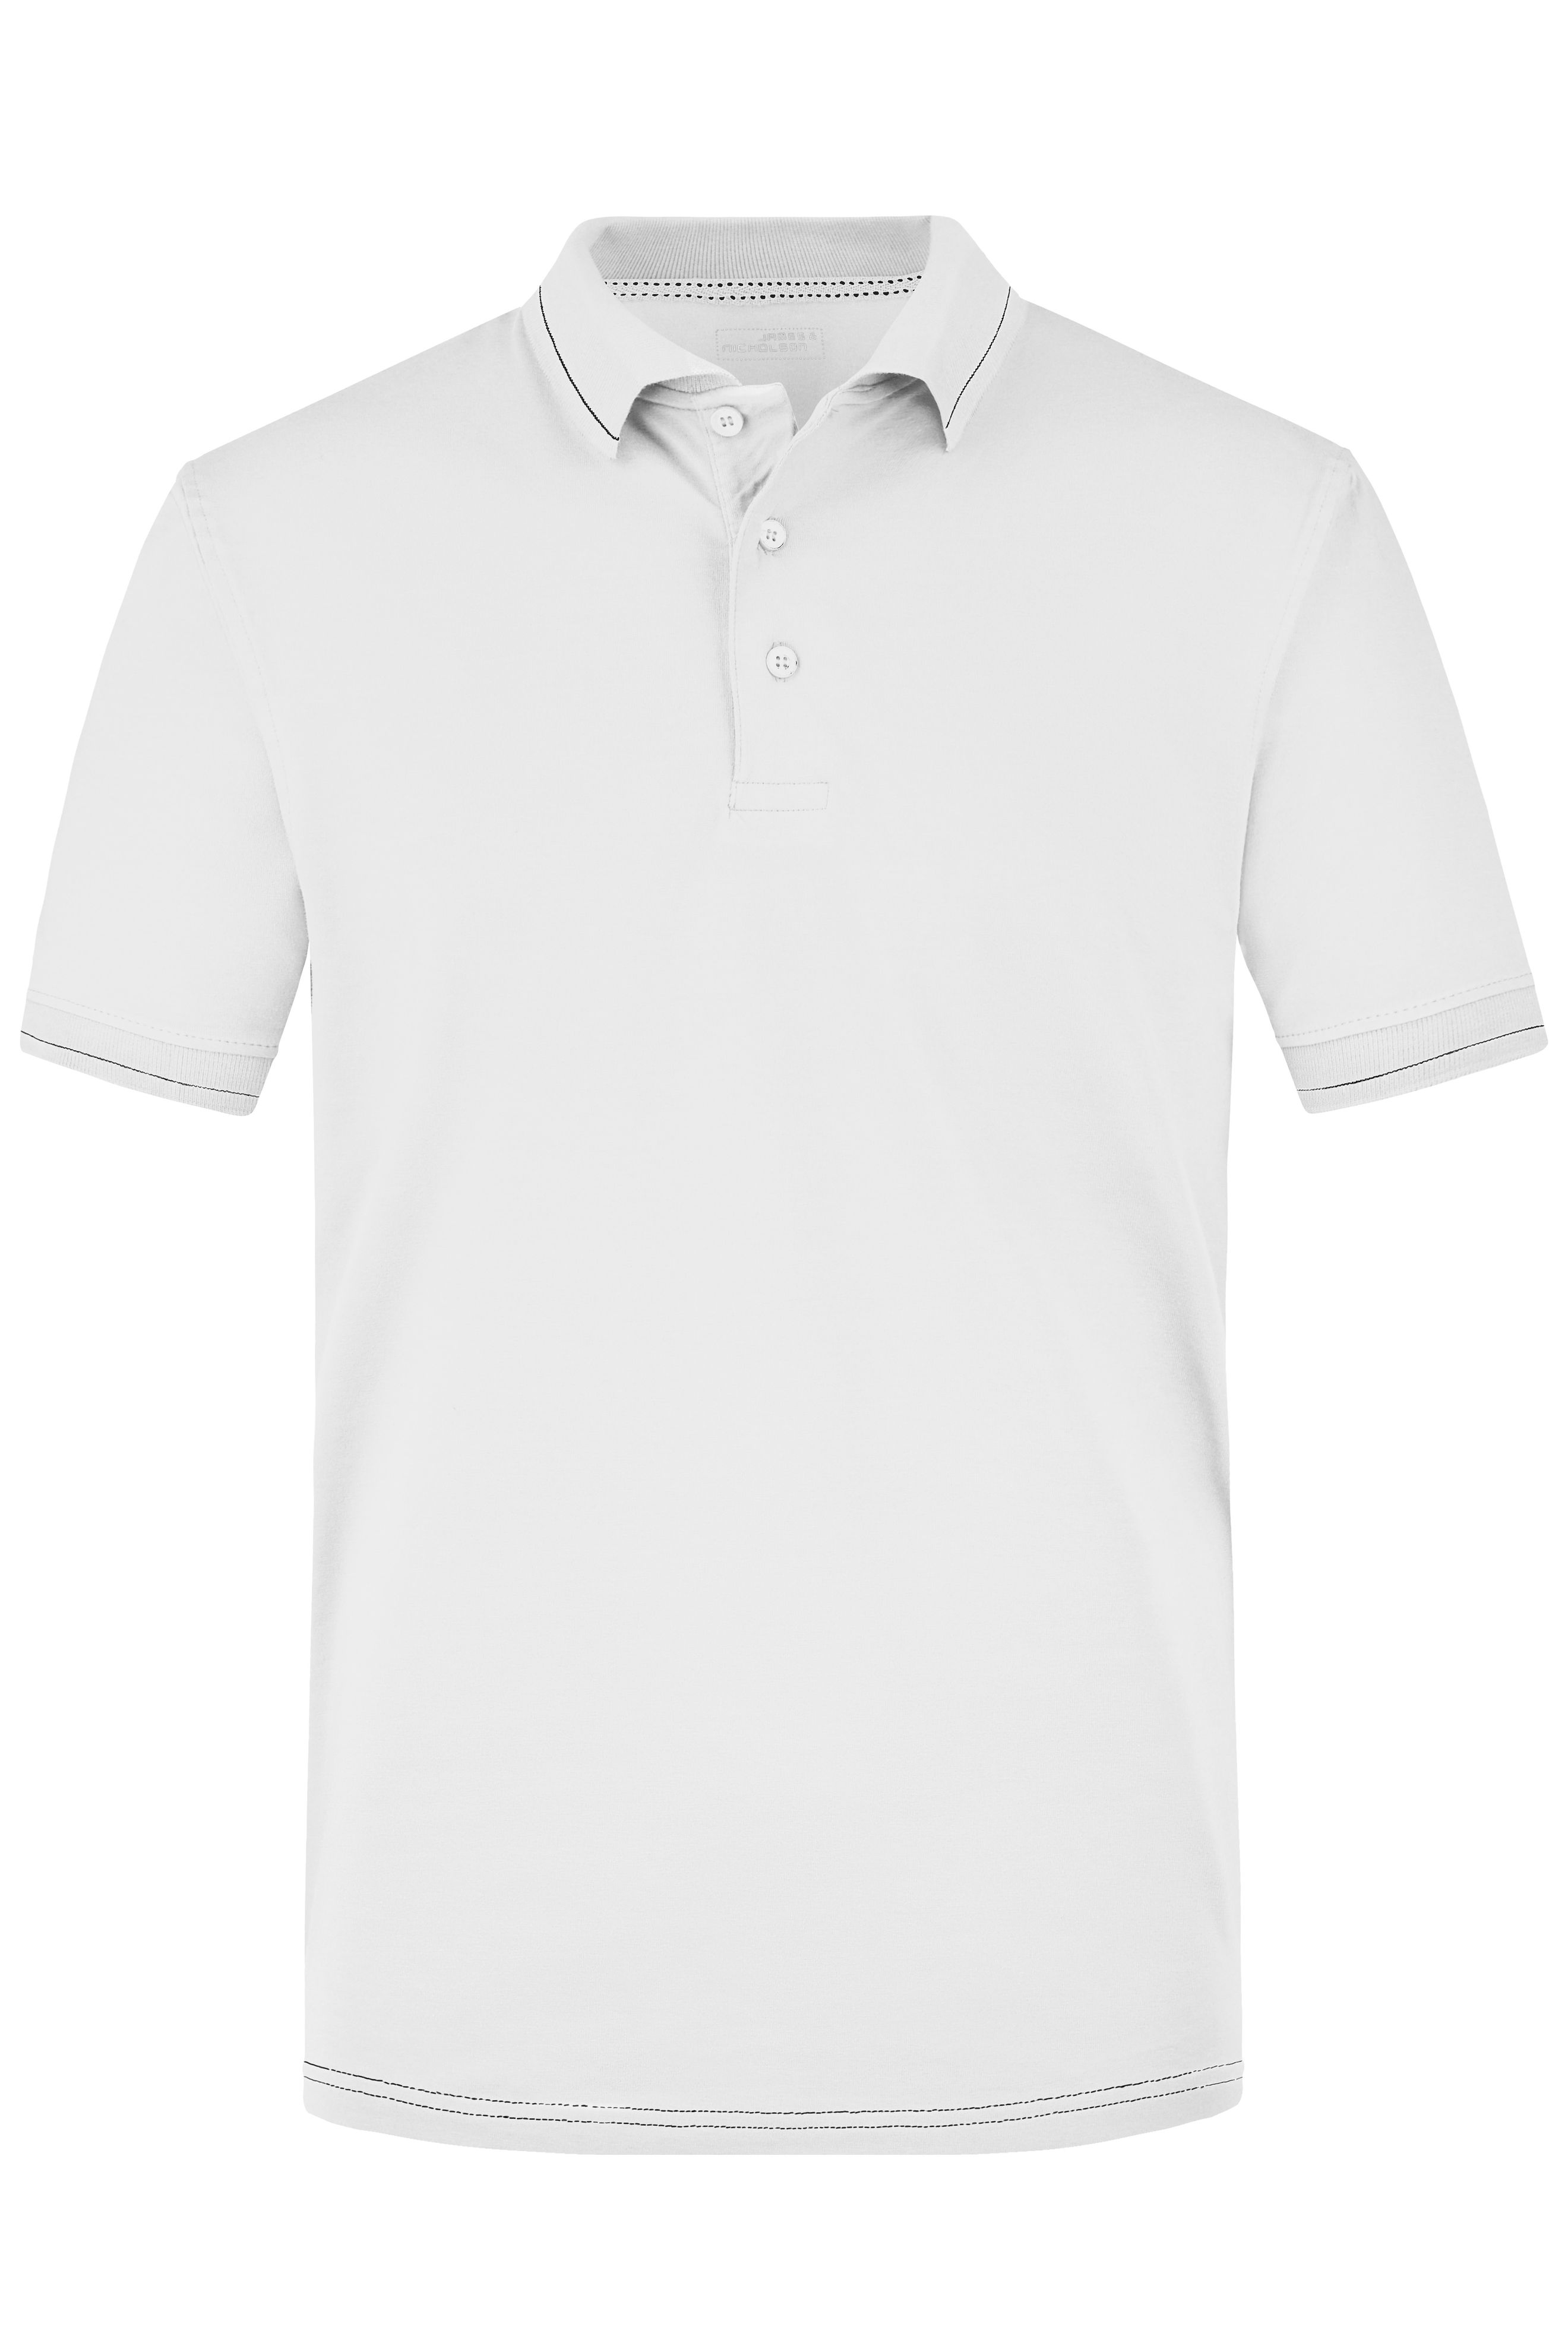 Hochwertiges Poloshirt mit Kontraststreifen